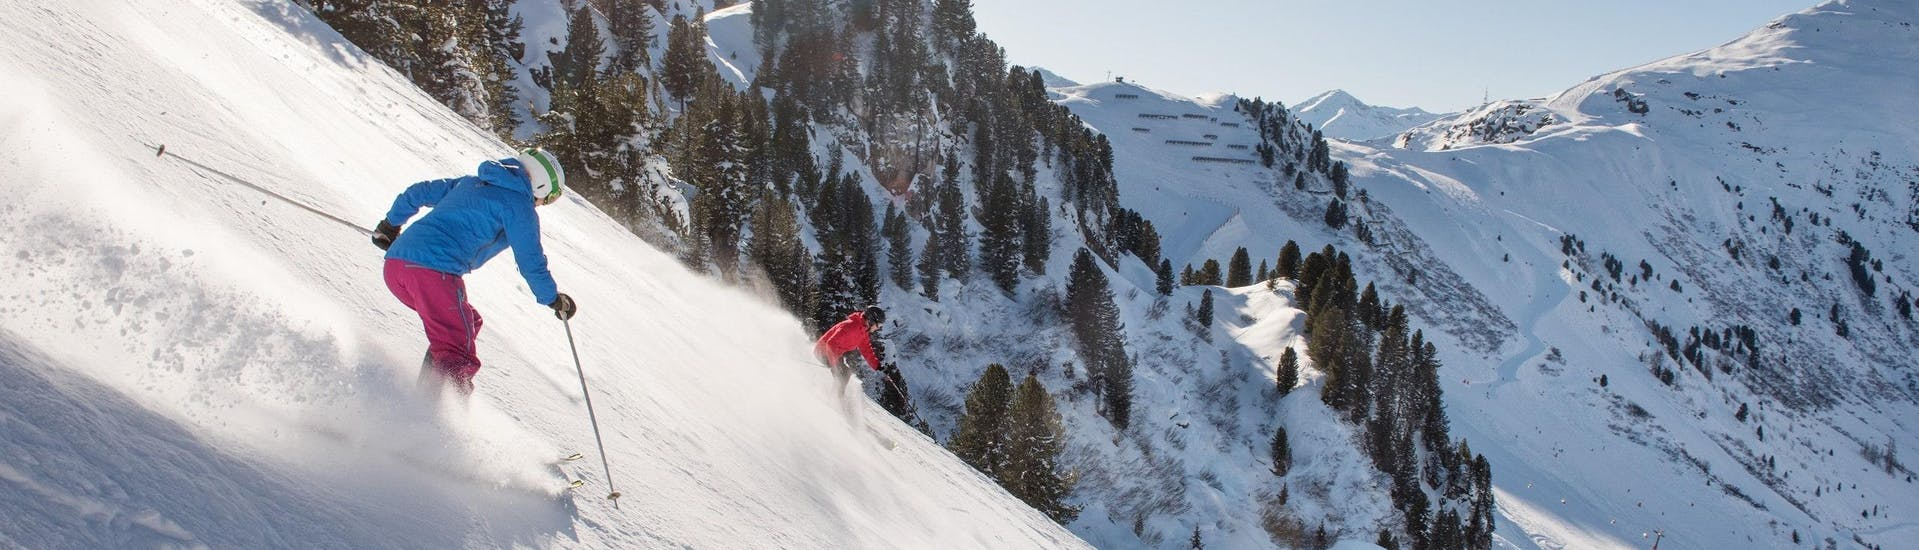 Vue sur un paysage de montagne ensoleillé lors d'un cours de ski avec l'une des écoles de ski de la station de ski Mayrhofen.